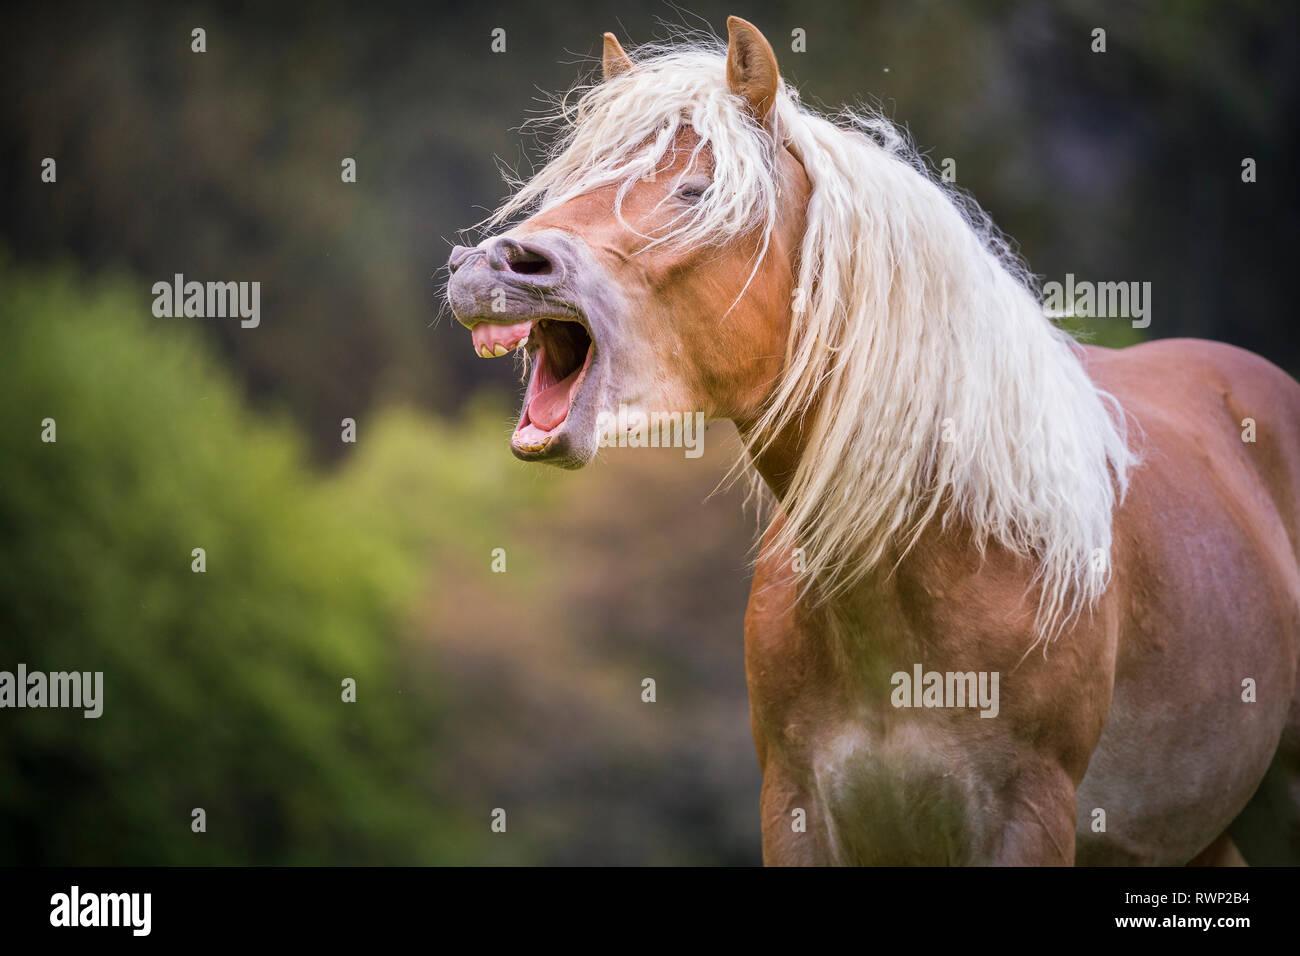 Haflinger Horse. Portrait of juvenile stallion, yawning. South Tyrol, Italy - Stock Image